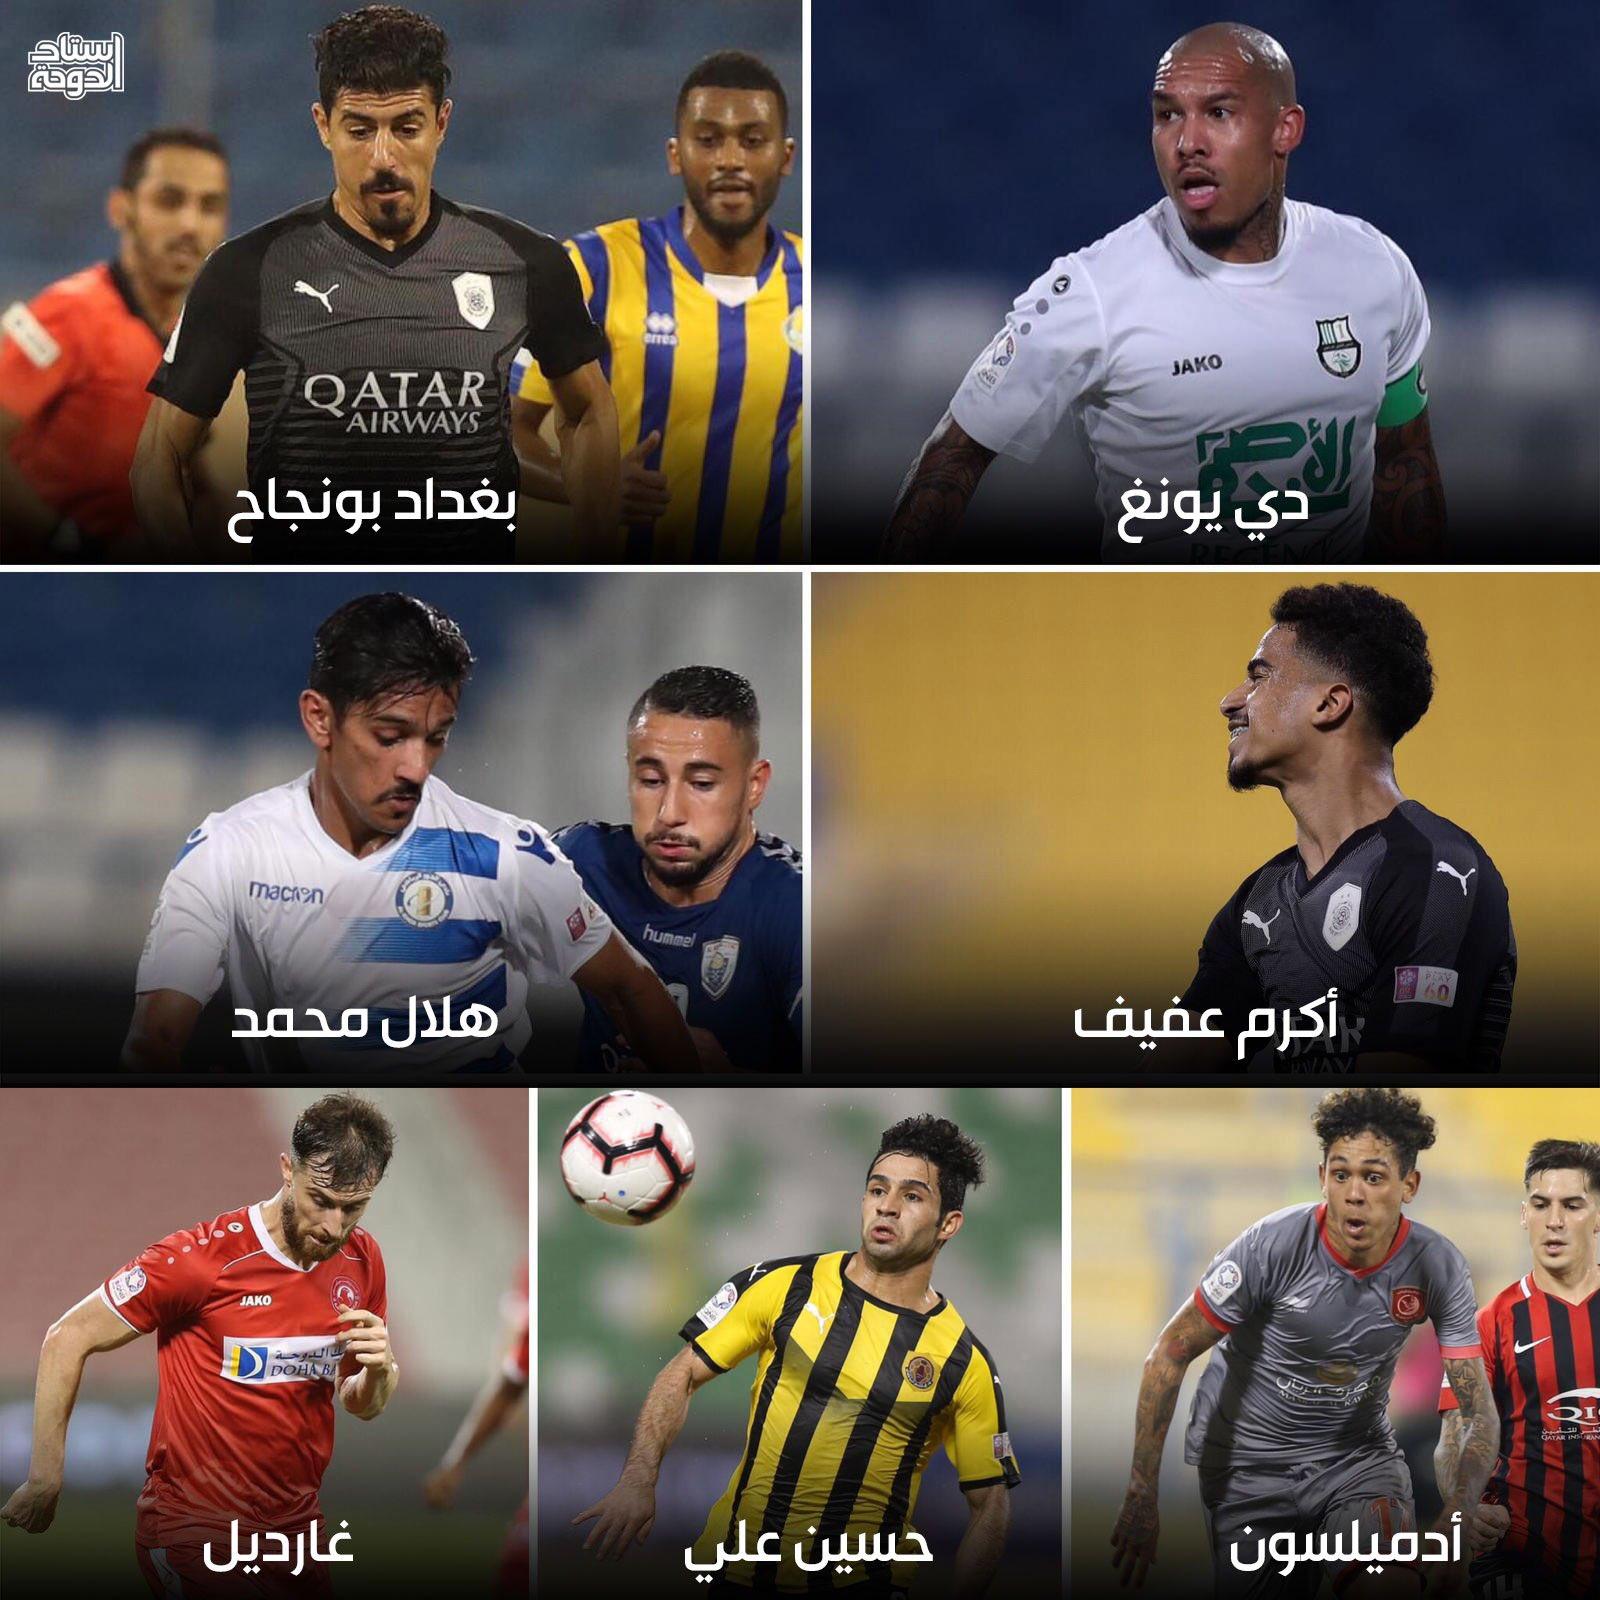 نامزدهای کسب عنوان بهترین بازیکن لیگ قطر مشخص شدند/ خبری از ایرانی ها نیست